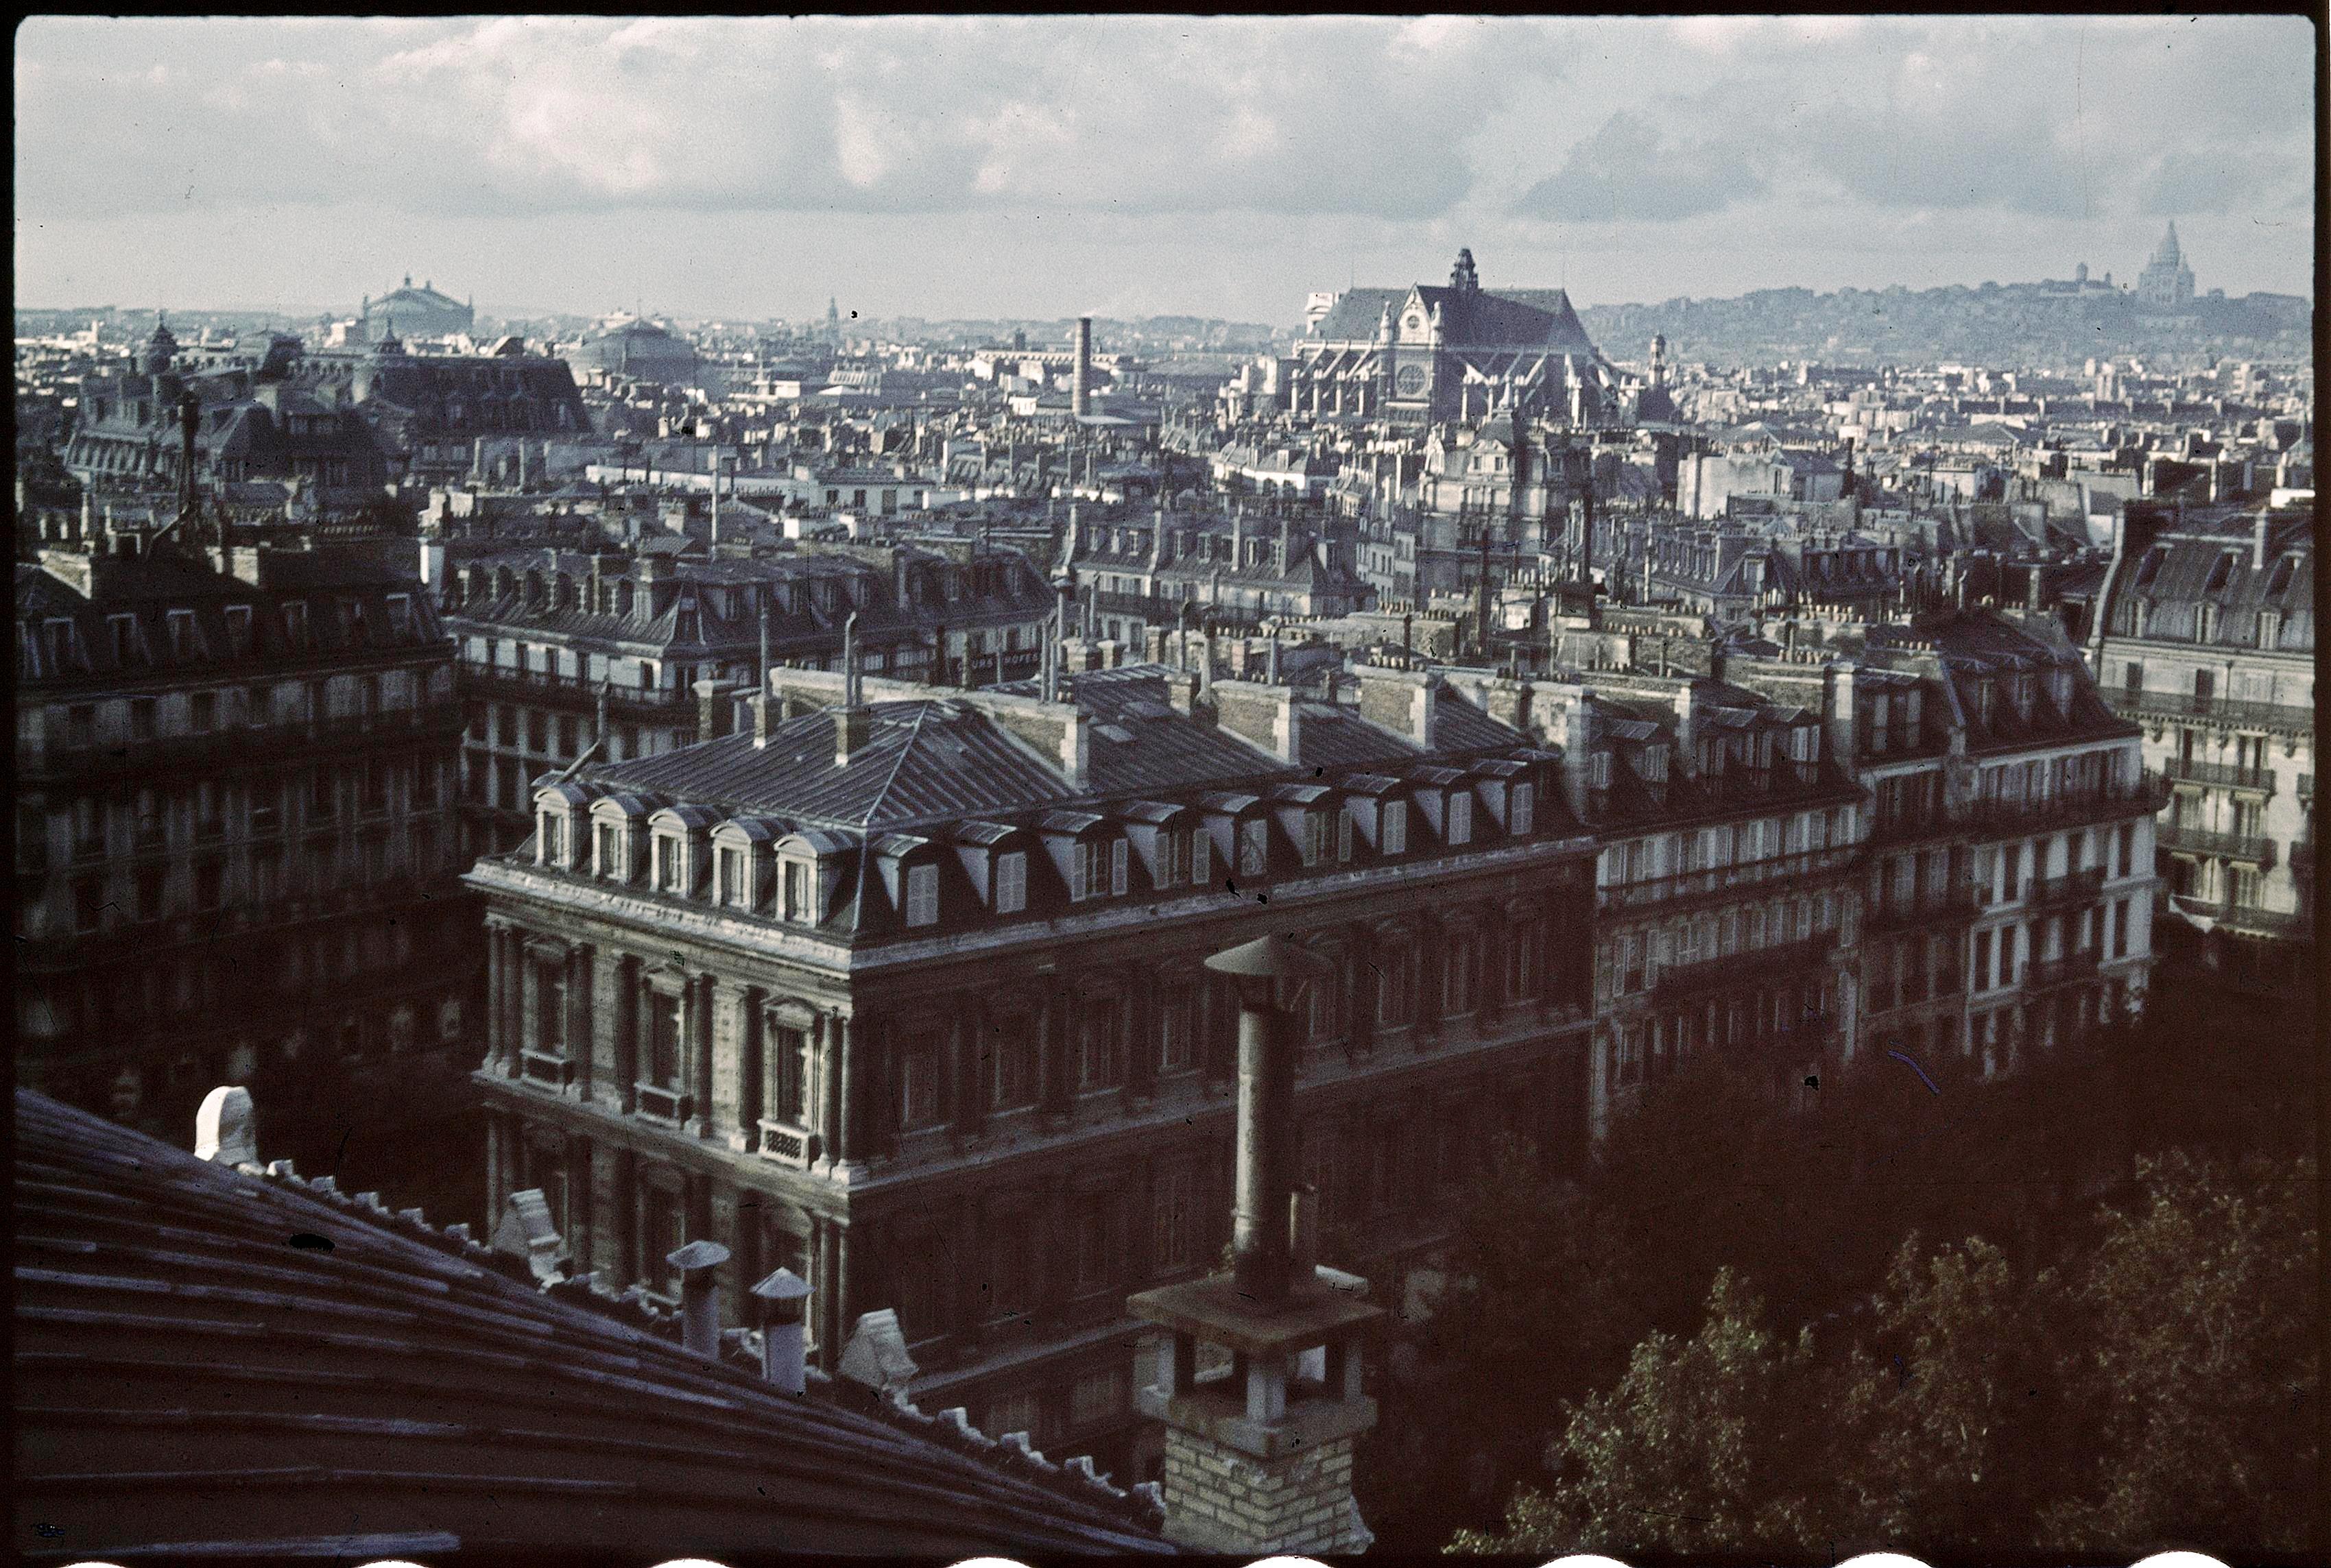 Парижская церковь Сент-Эсташ, увиденная с крыши здания «Театра де ла сите»